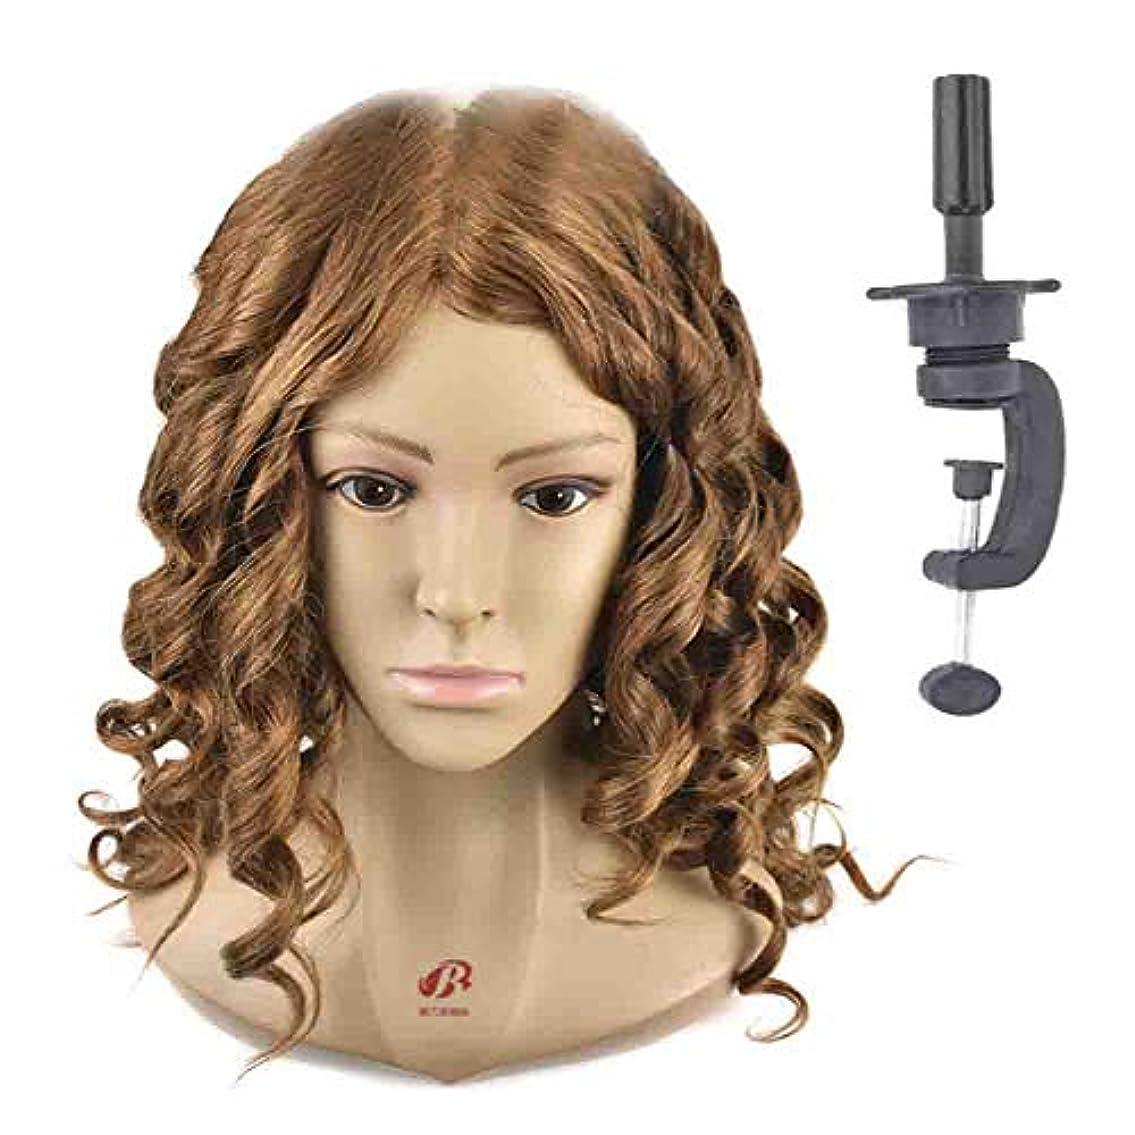 広く海外オークランドヘアマネキンヘッド練習ディスク髪編組ヘッドモデル理髪店学校教育かつらヘッドバンドブラケット